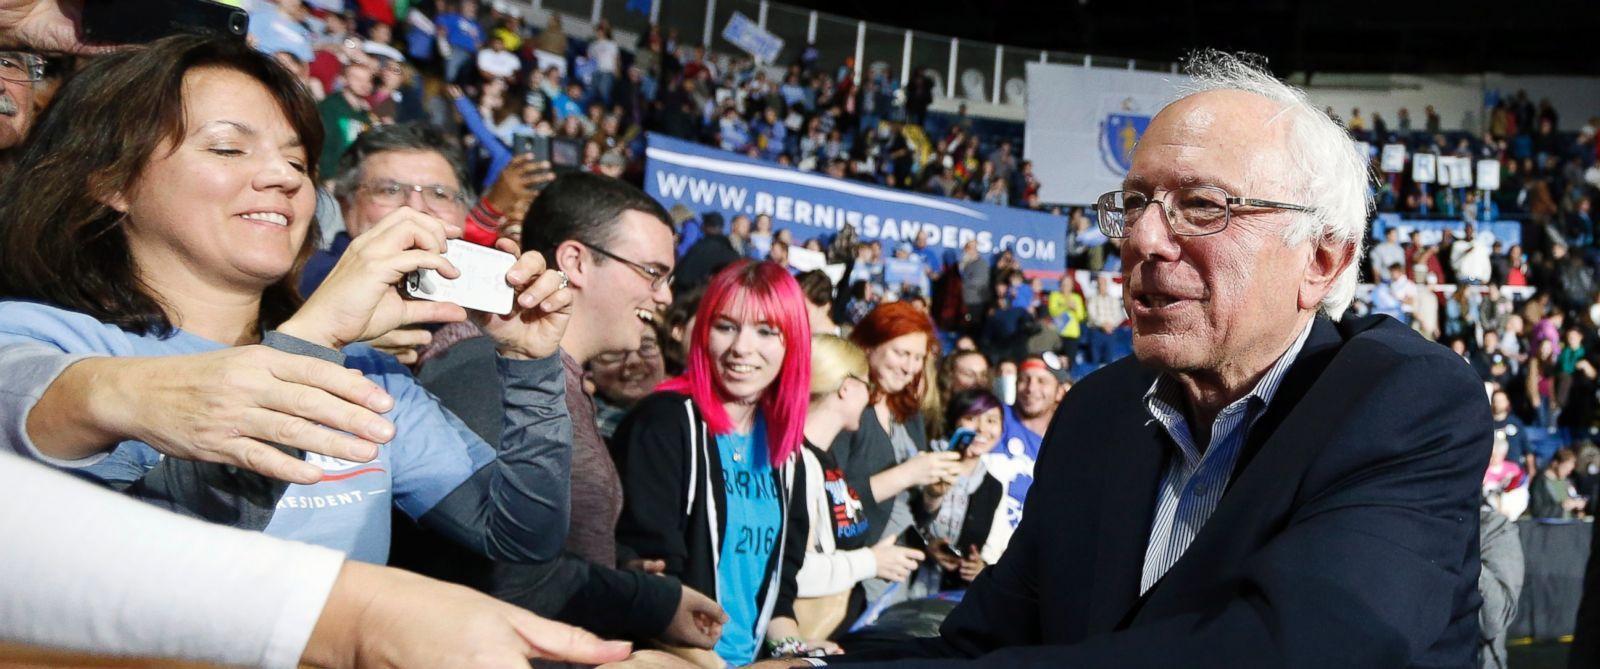 'True Believers' Pack the House for Bernie Sanders